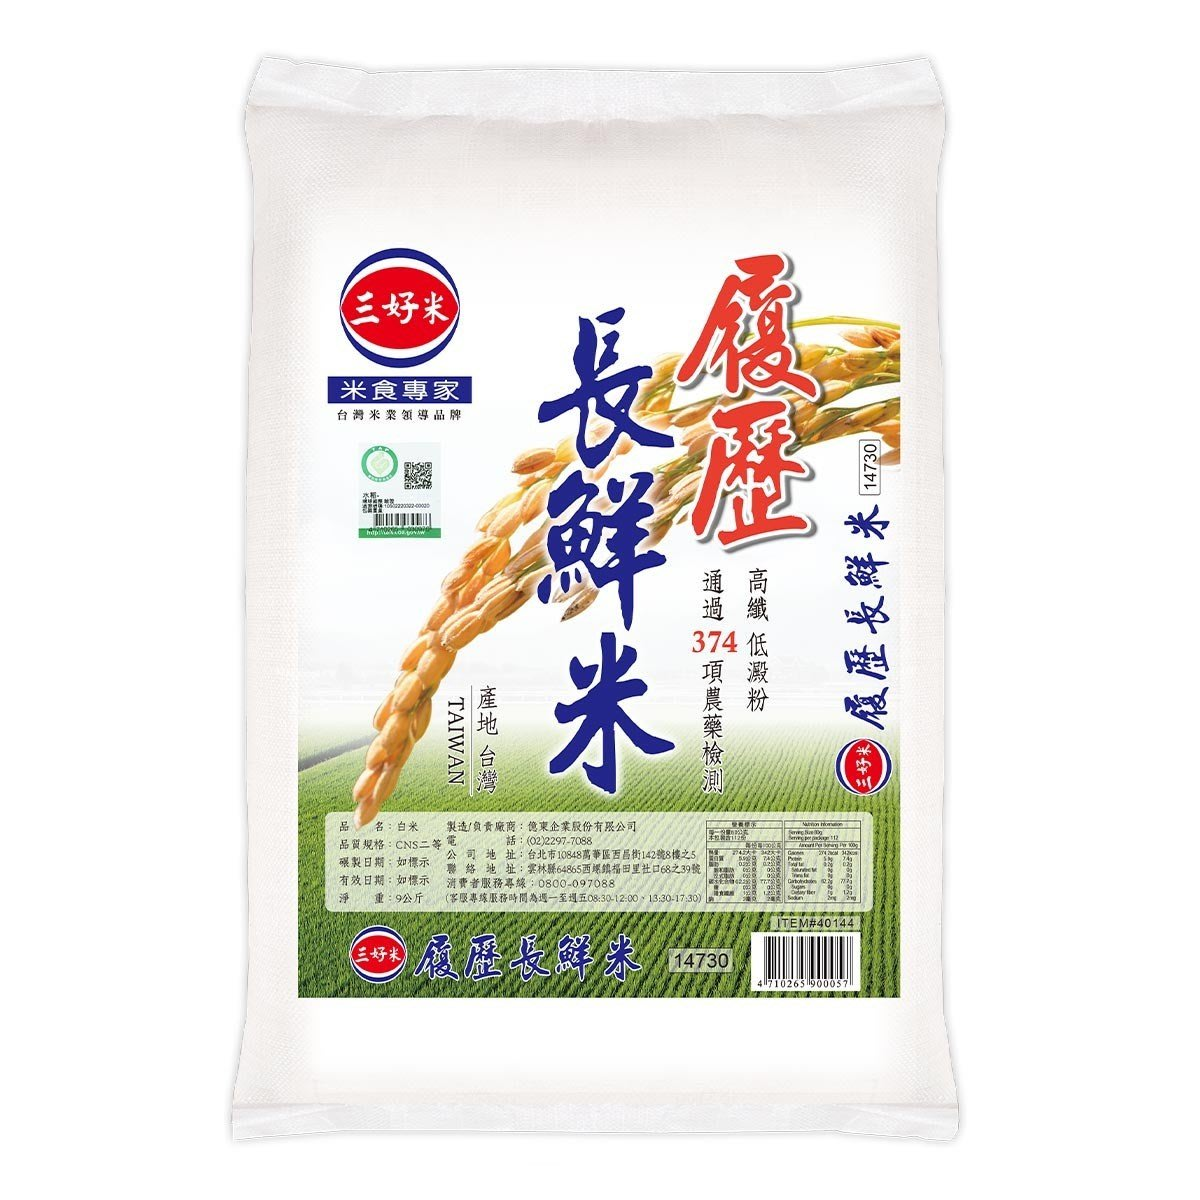 美兒小舖COSTCO好市多線上代購~三好 米長鮮米(9kg/包)